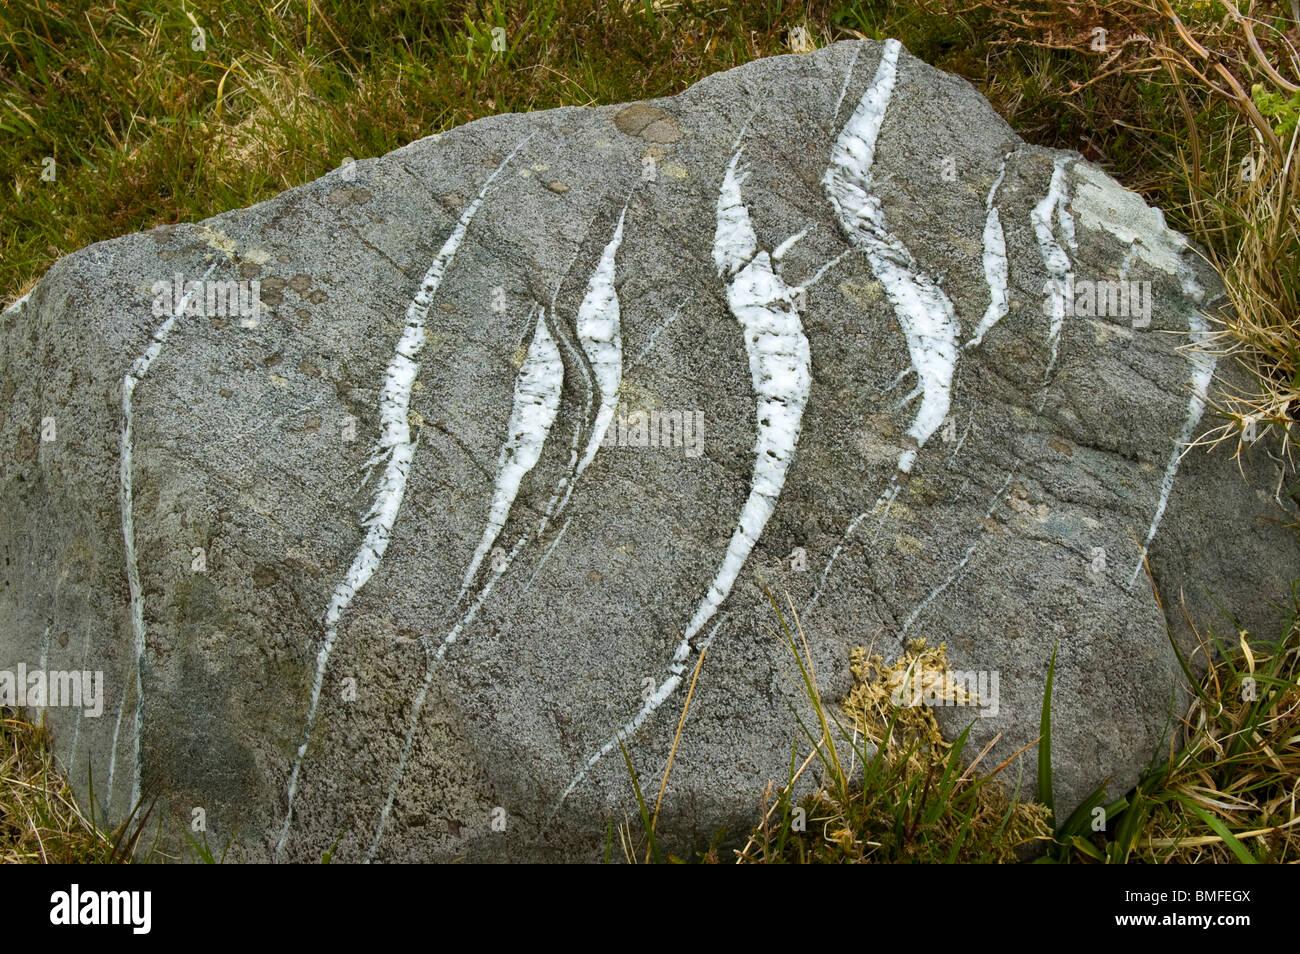 En echelon fractures in a rock, County Kerry, Ireland. - Stock Image